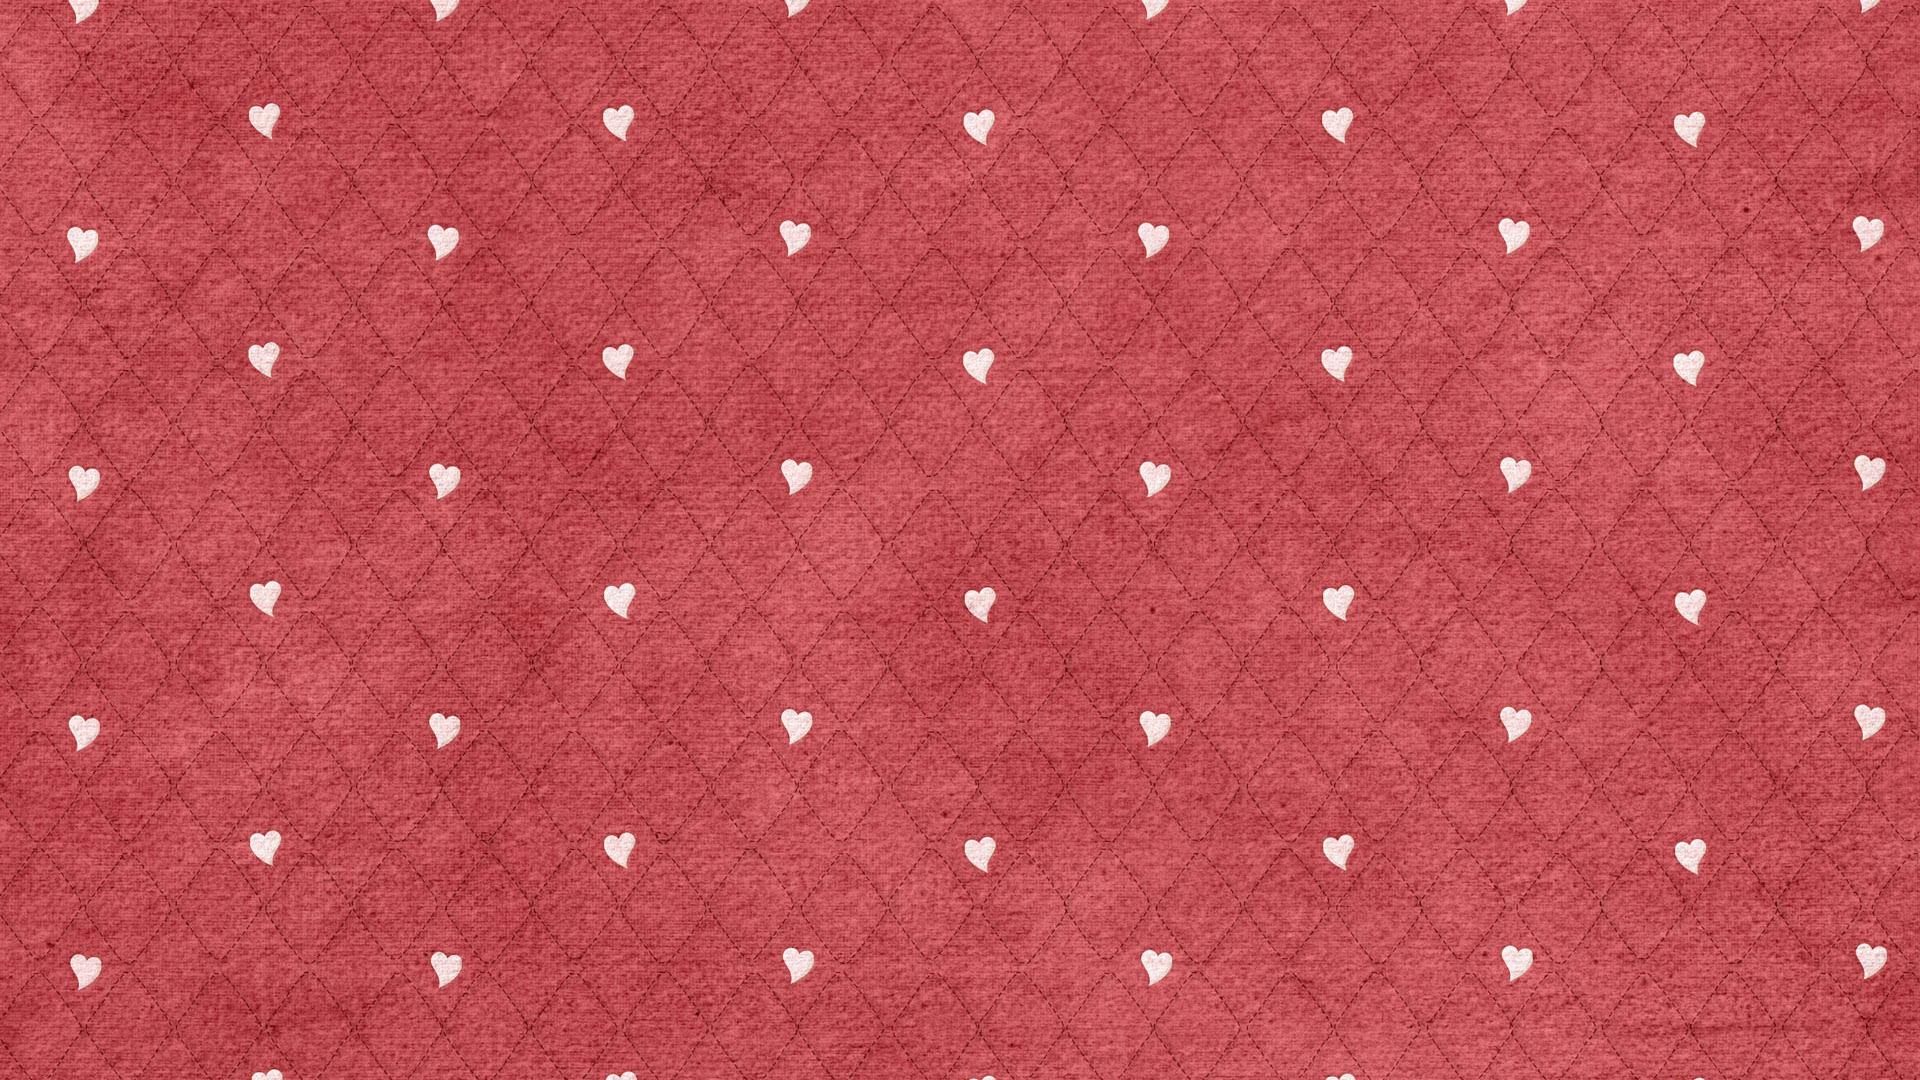 сердце фон  № 3011070 бесплатно